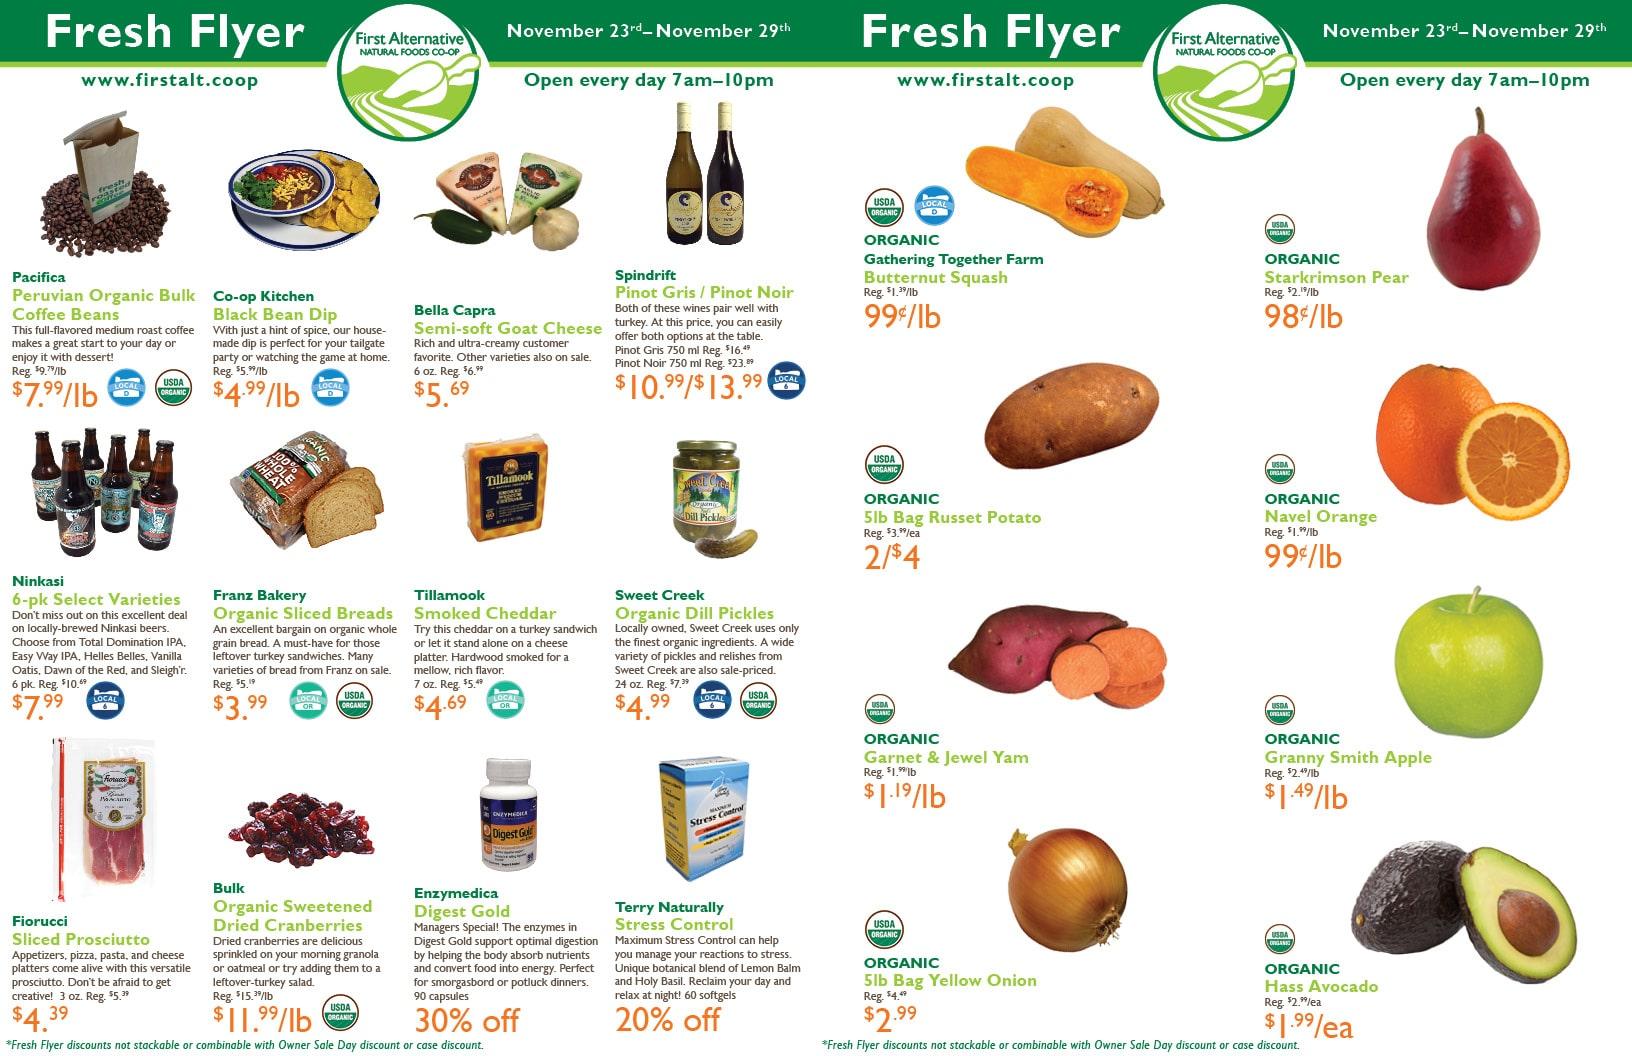 first alternative fresh flyer nov 23-29